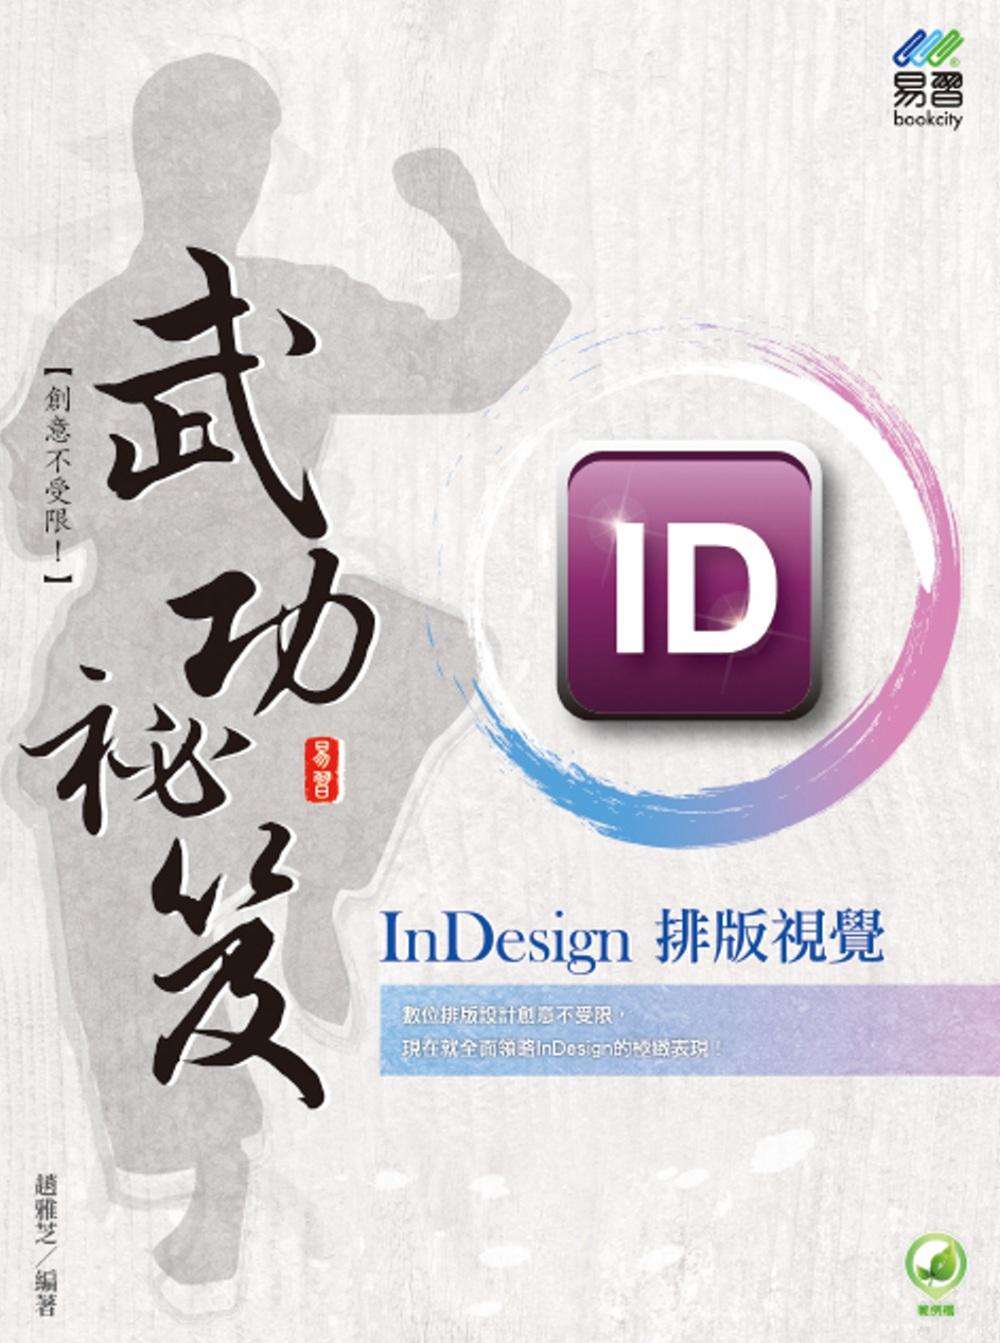 InDesign排版視覺 武功...